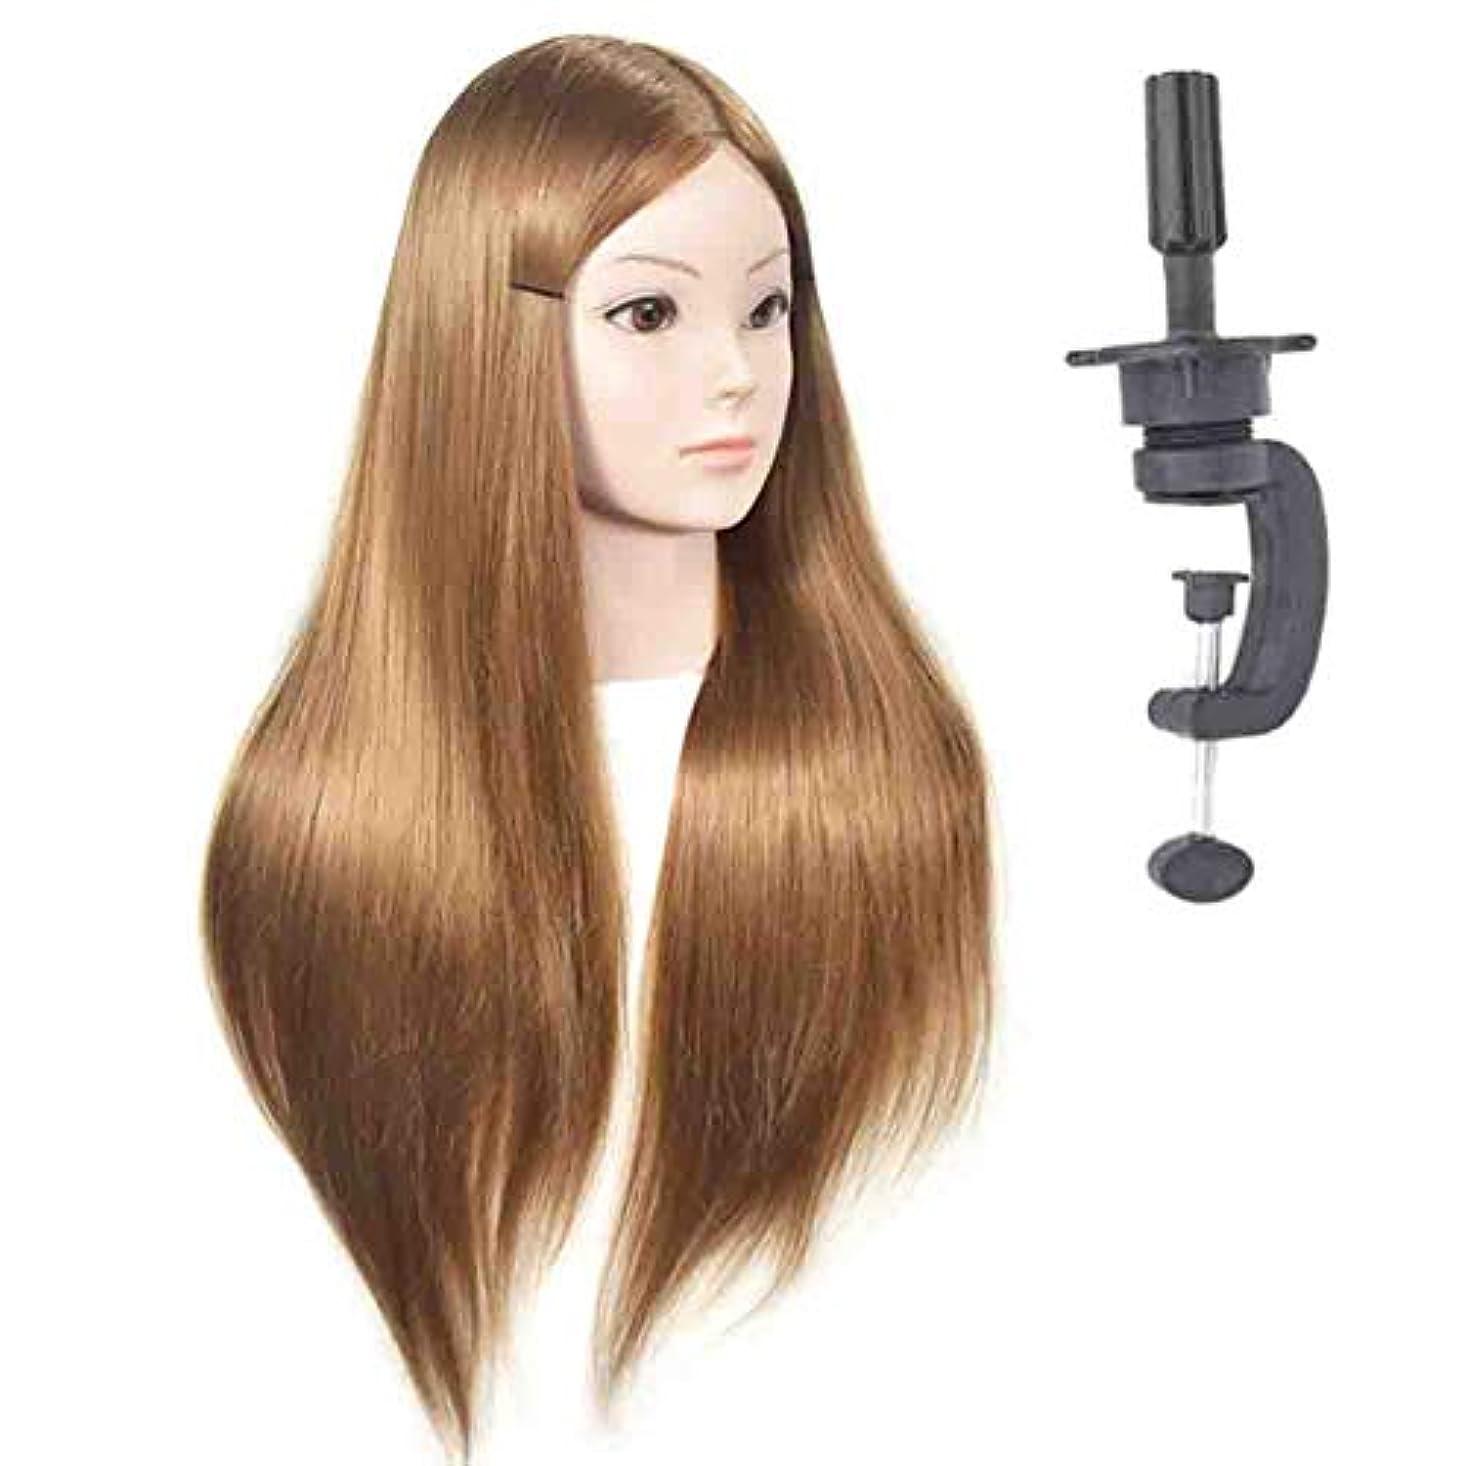 学期強打ながらゴールデンプラクティスマネキンヘッドブライダルメイクスタイリングプラクティスダミーヘッドヘアサロン散髪指導ヘッドは染めることができます漂白